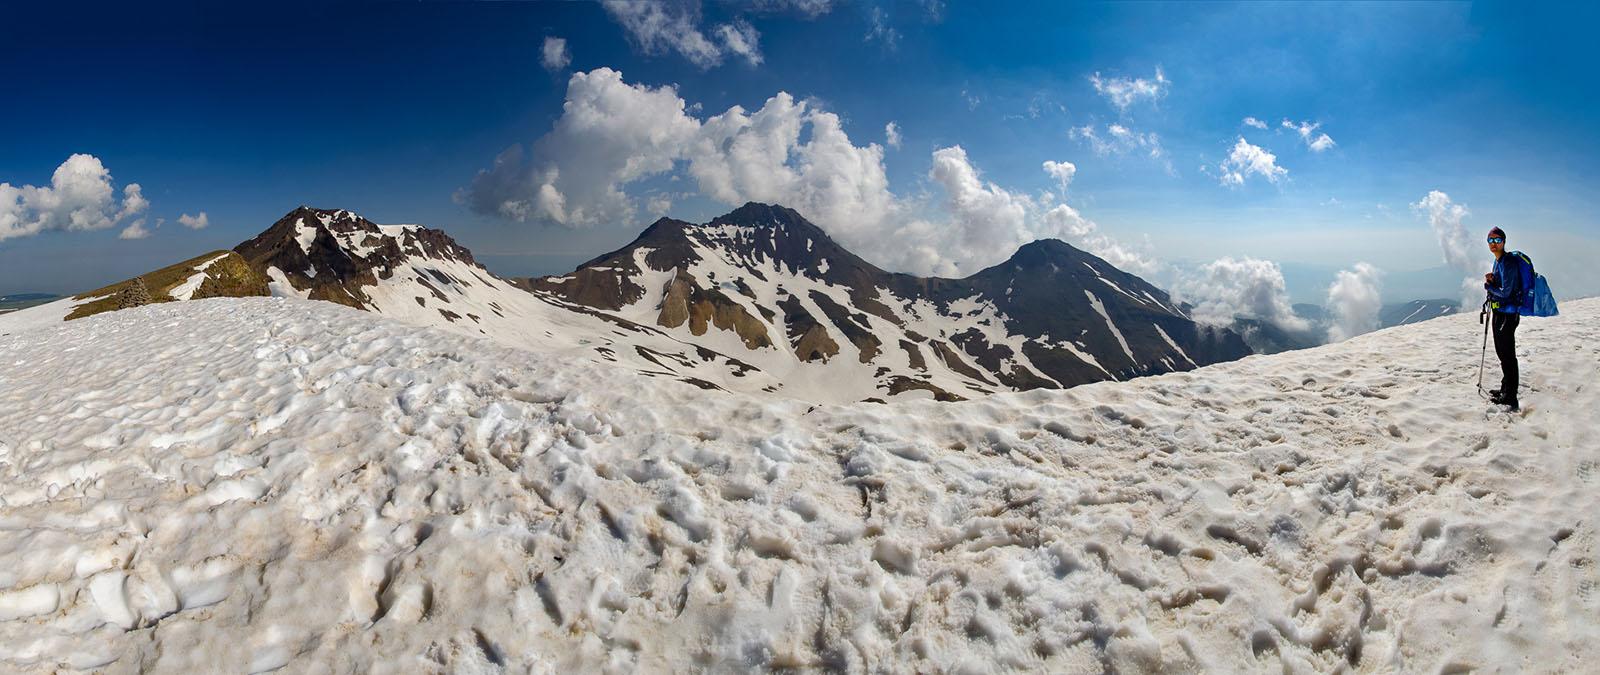 Aragats - wejście na cztery wierzchołki.